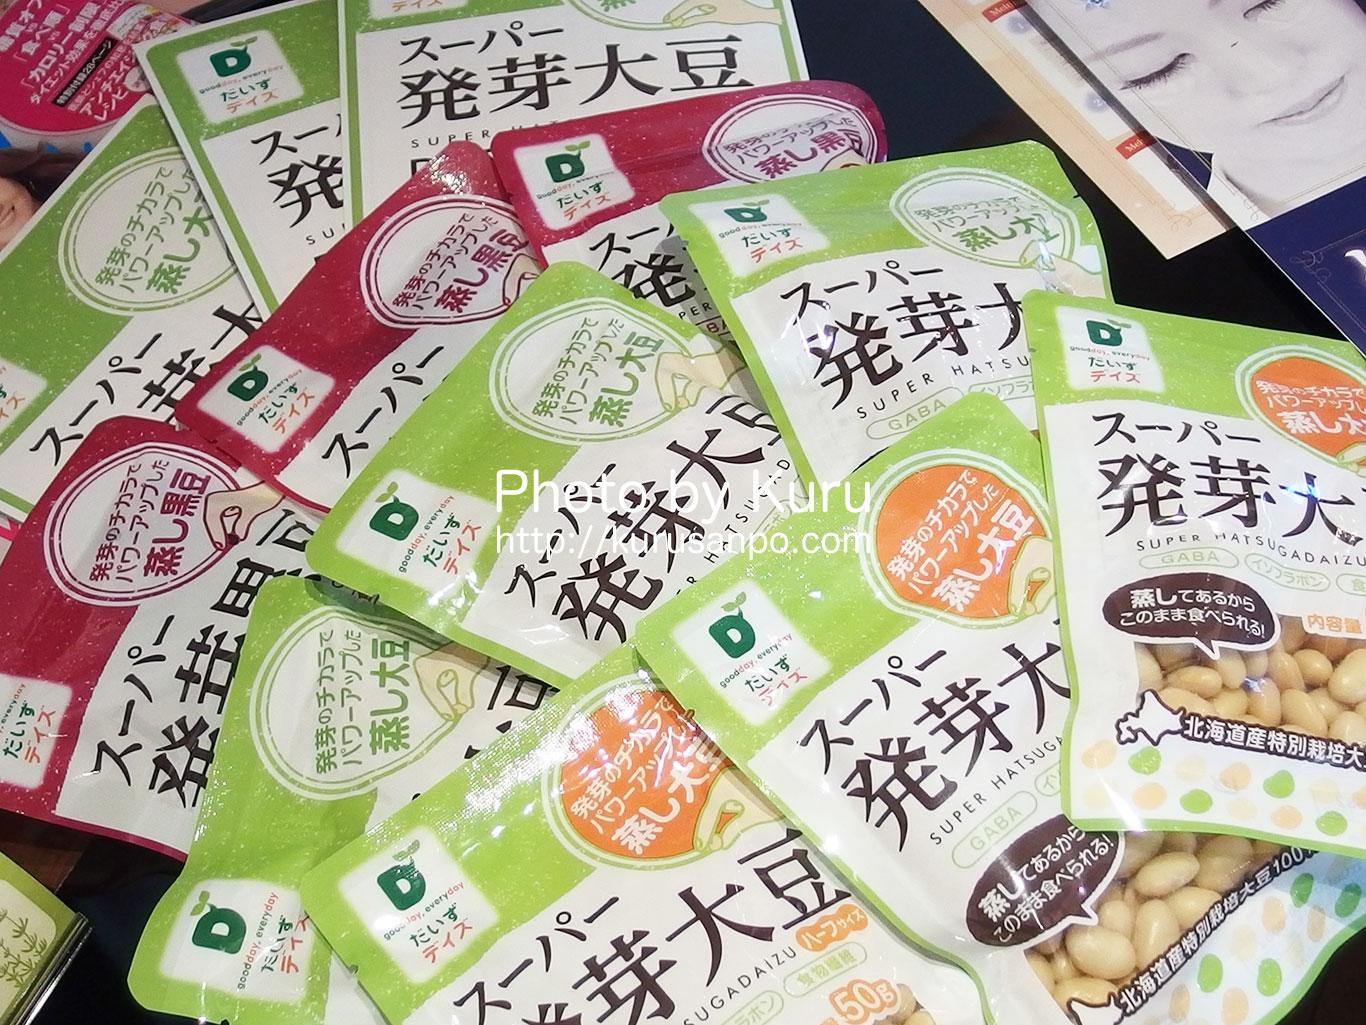 だいずデイズの『スーパー発芽大豆』蒸すから栄養そのまま摂れるんです♪